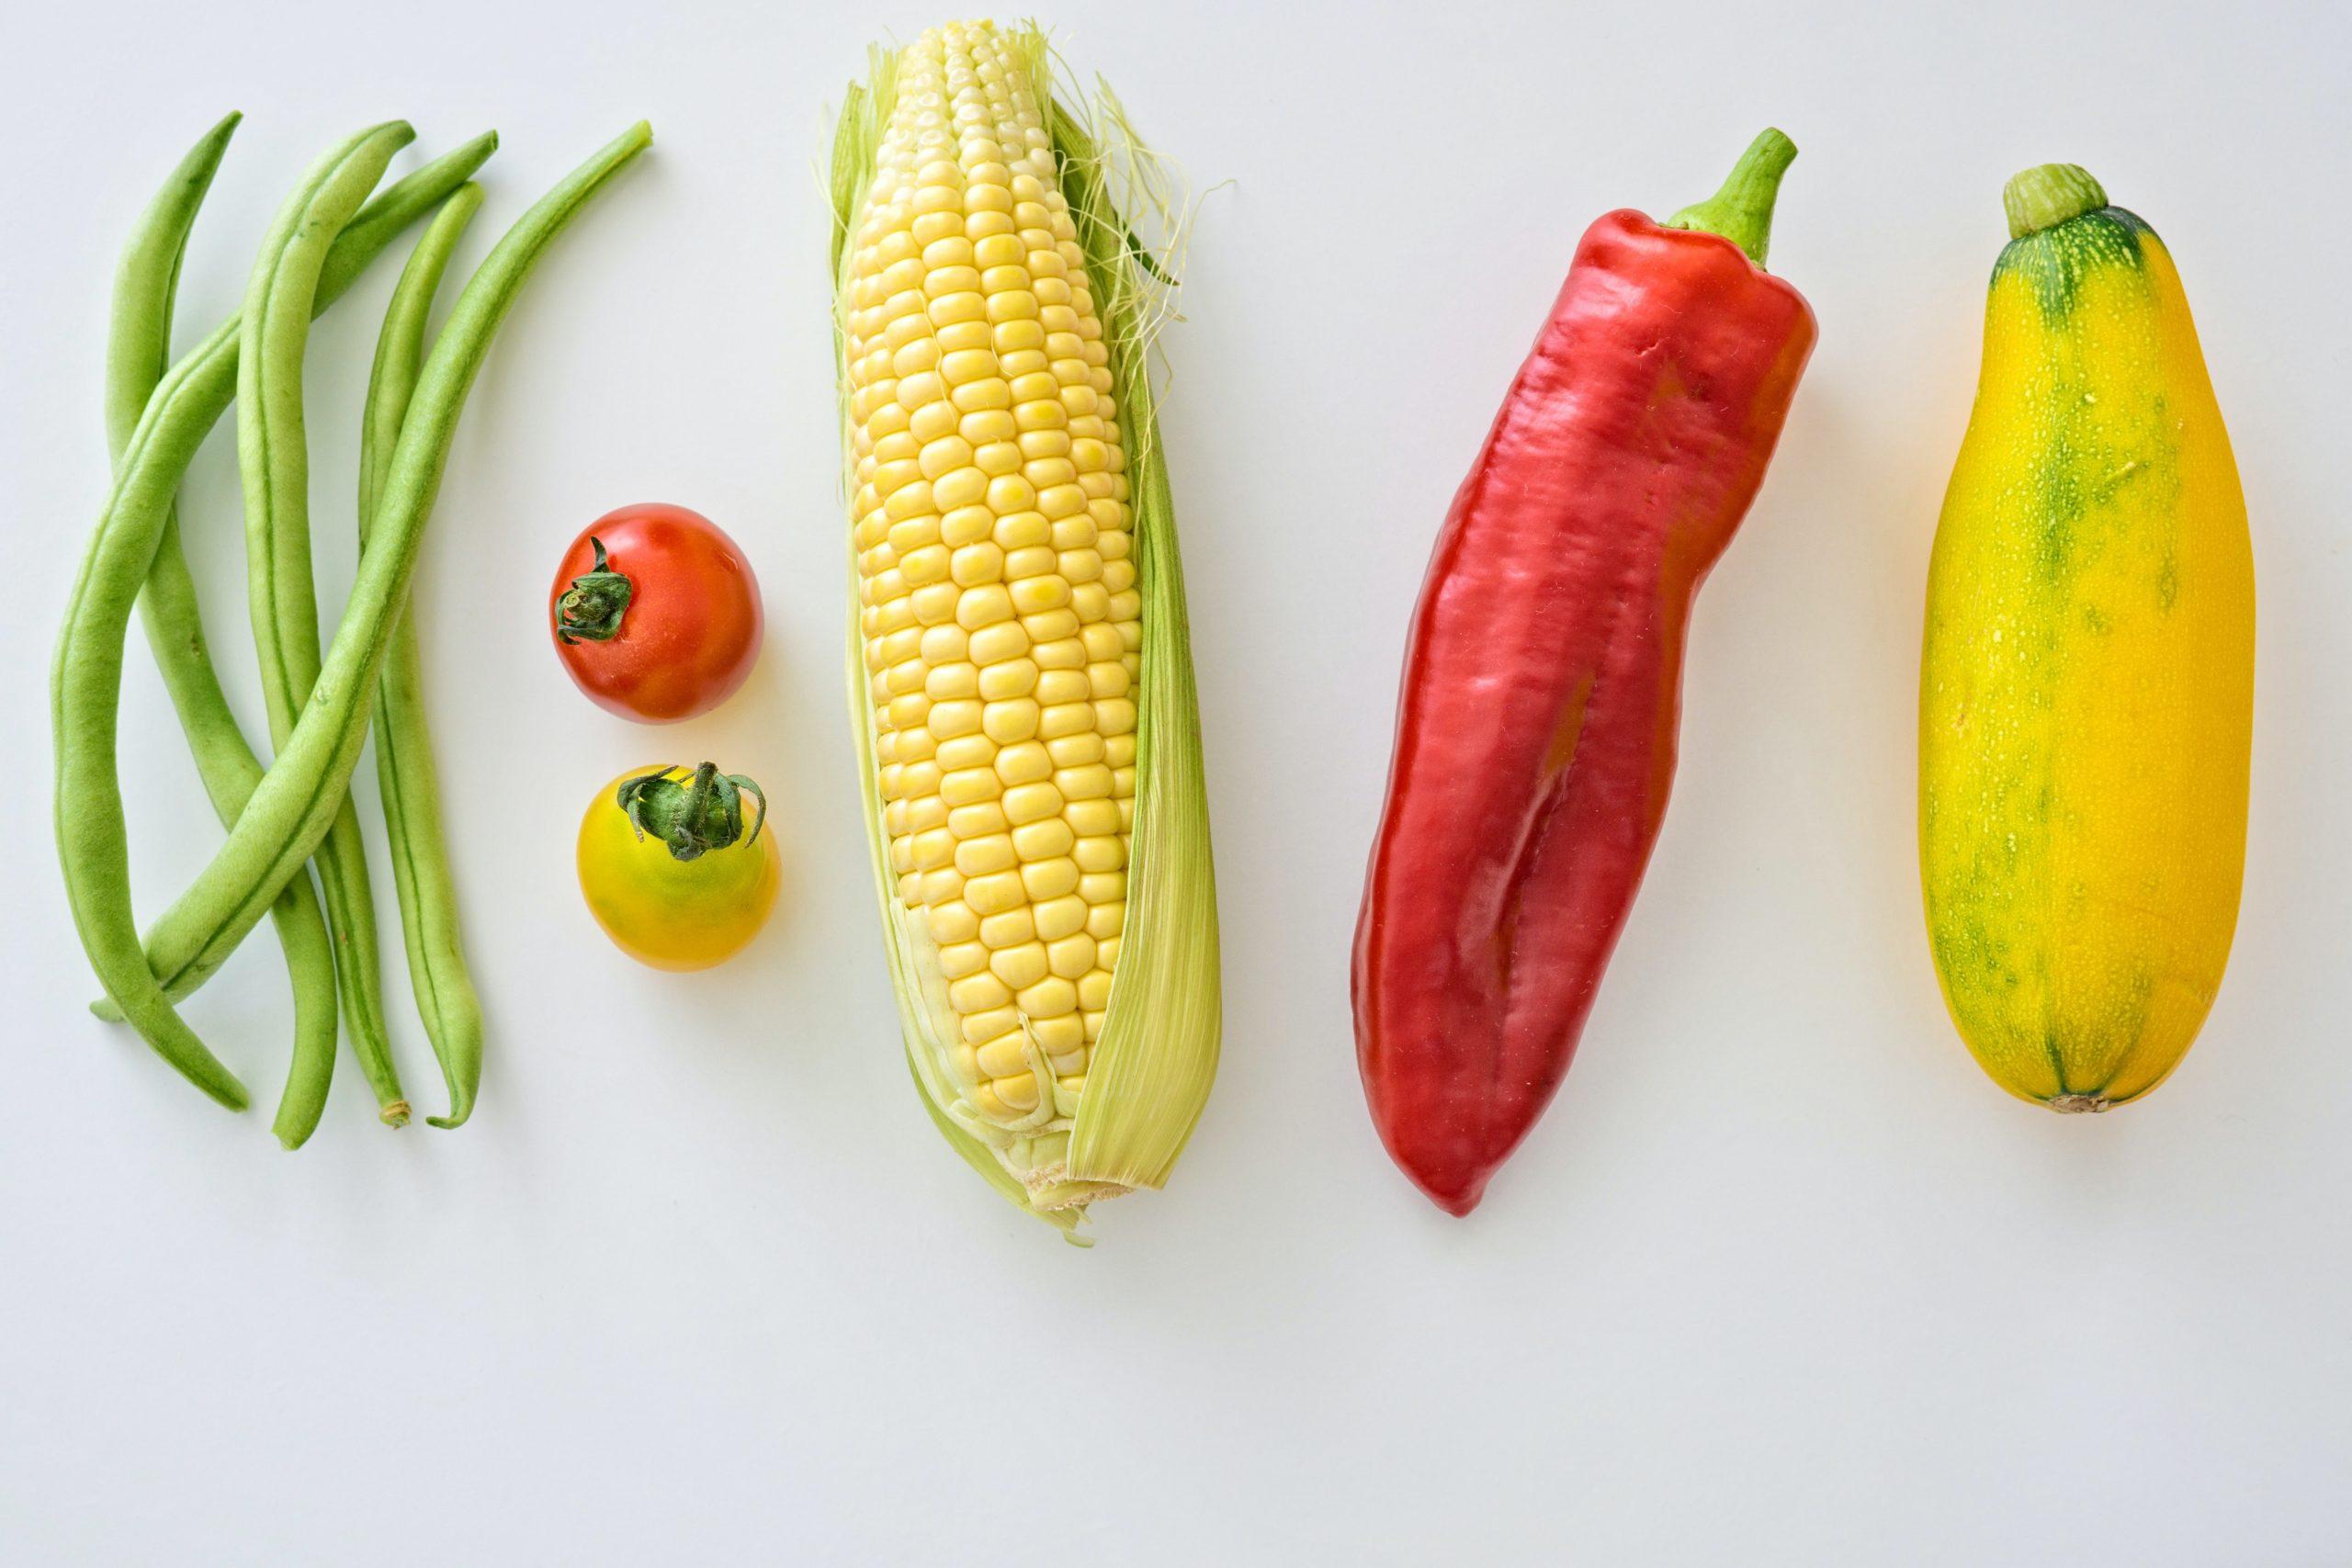 野菜嫌いは大人になったら治る?好き嫌いが多い人の心理とは